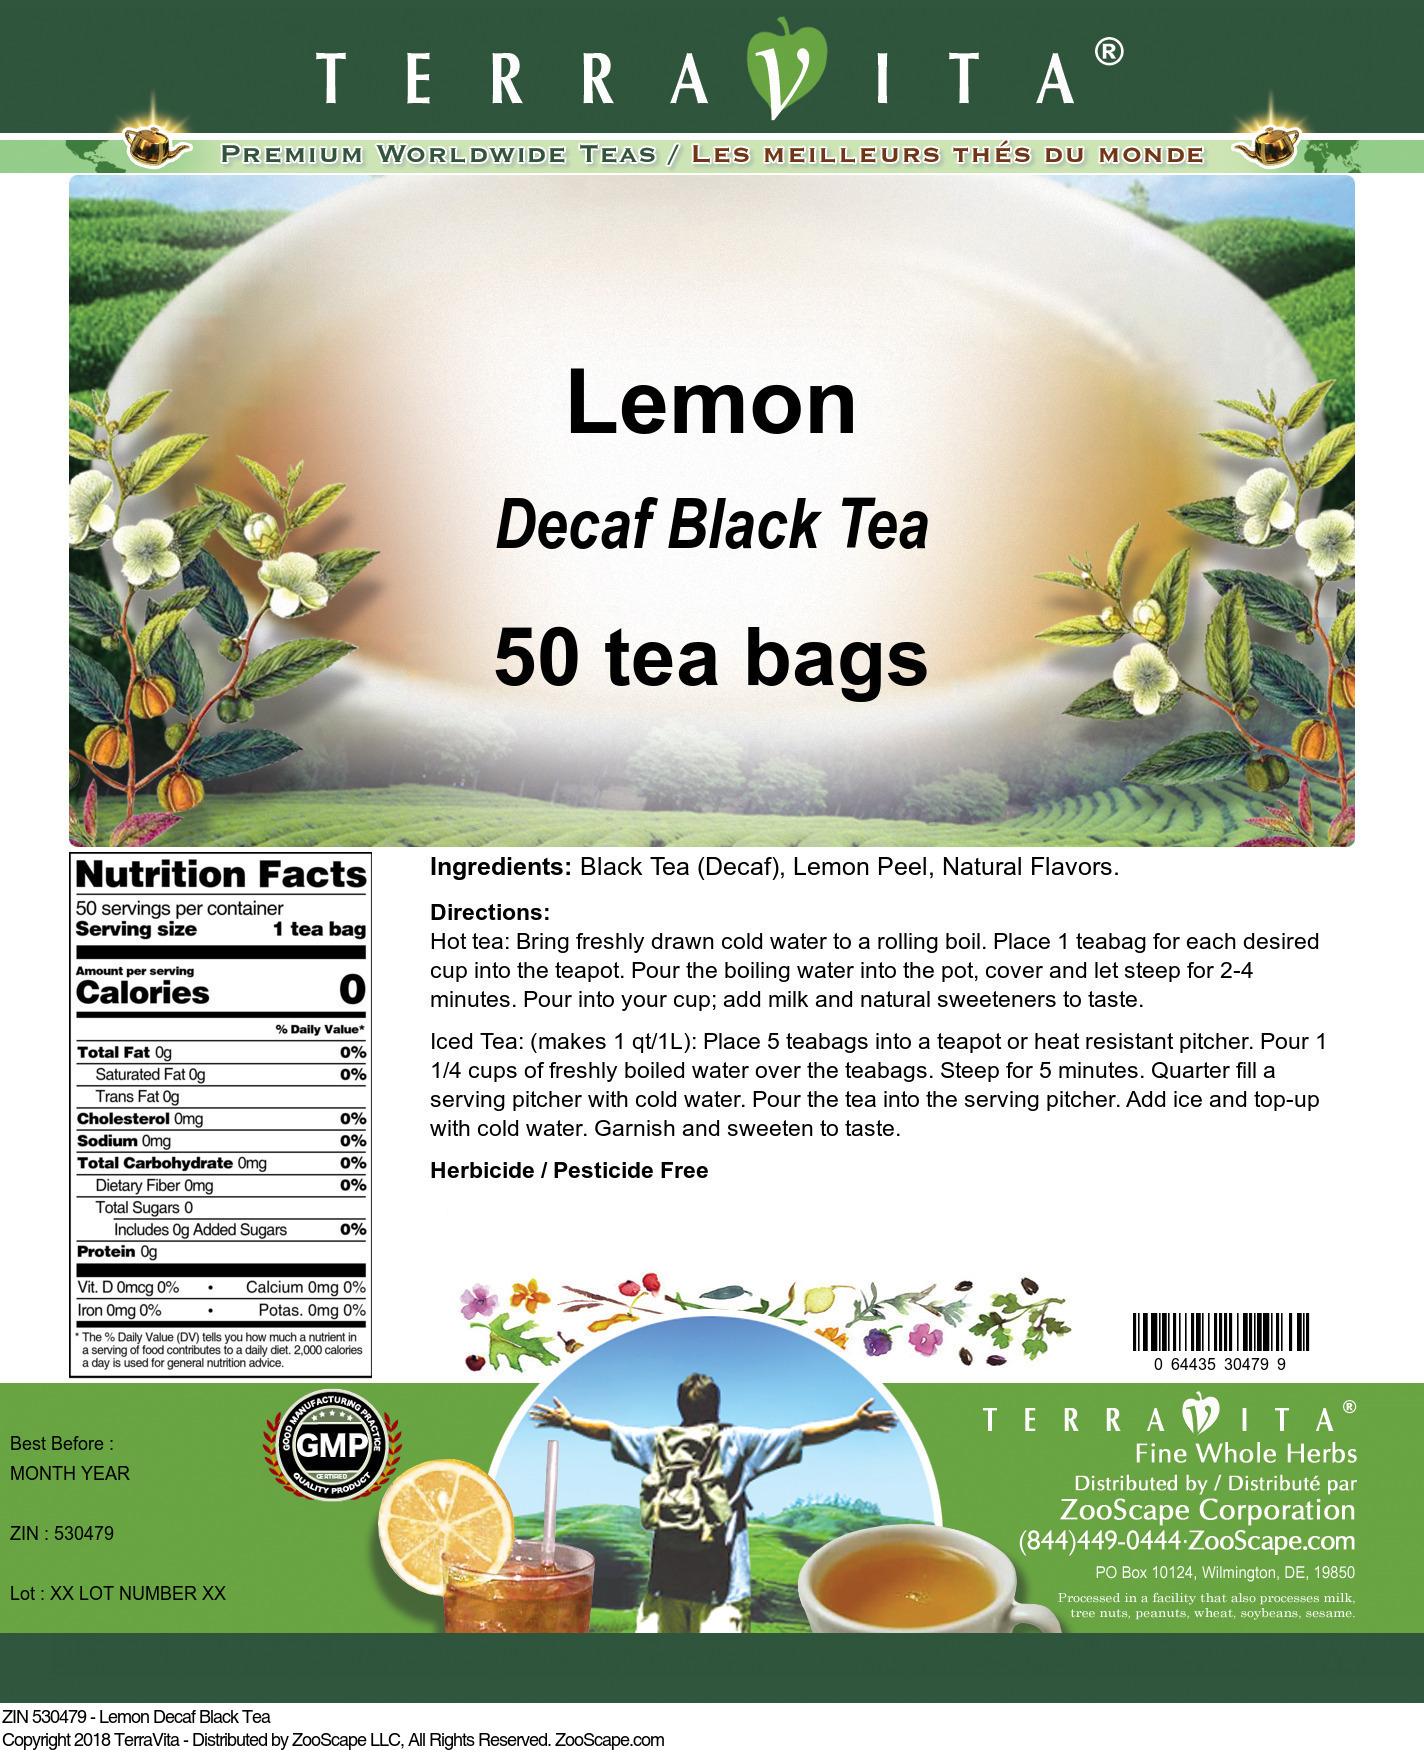 Lemon Decaf Black Tea